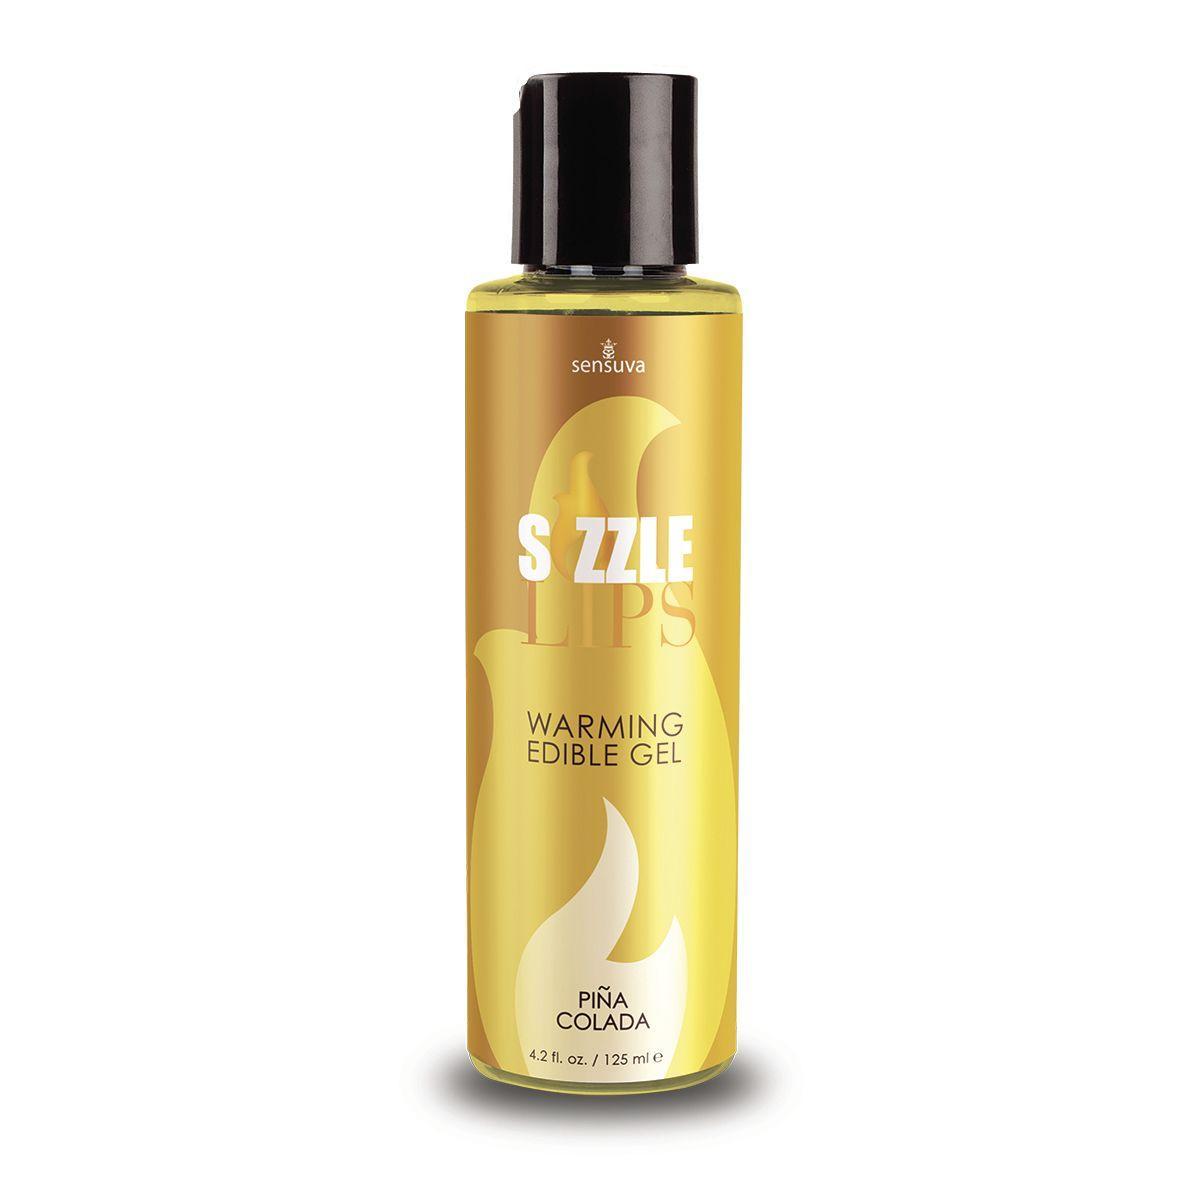 Согревающий массажный гель Sensuva - Sizzle Lips Pina Colada (125 мл), без сахара, съедобный